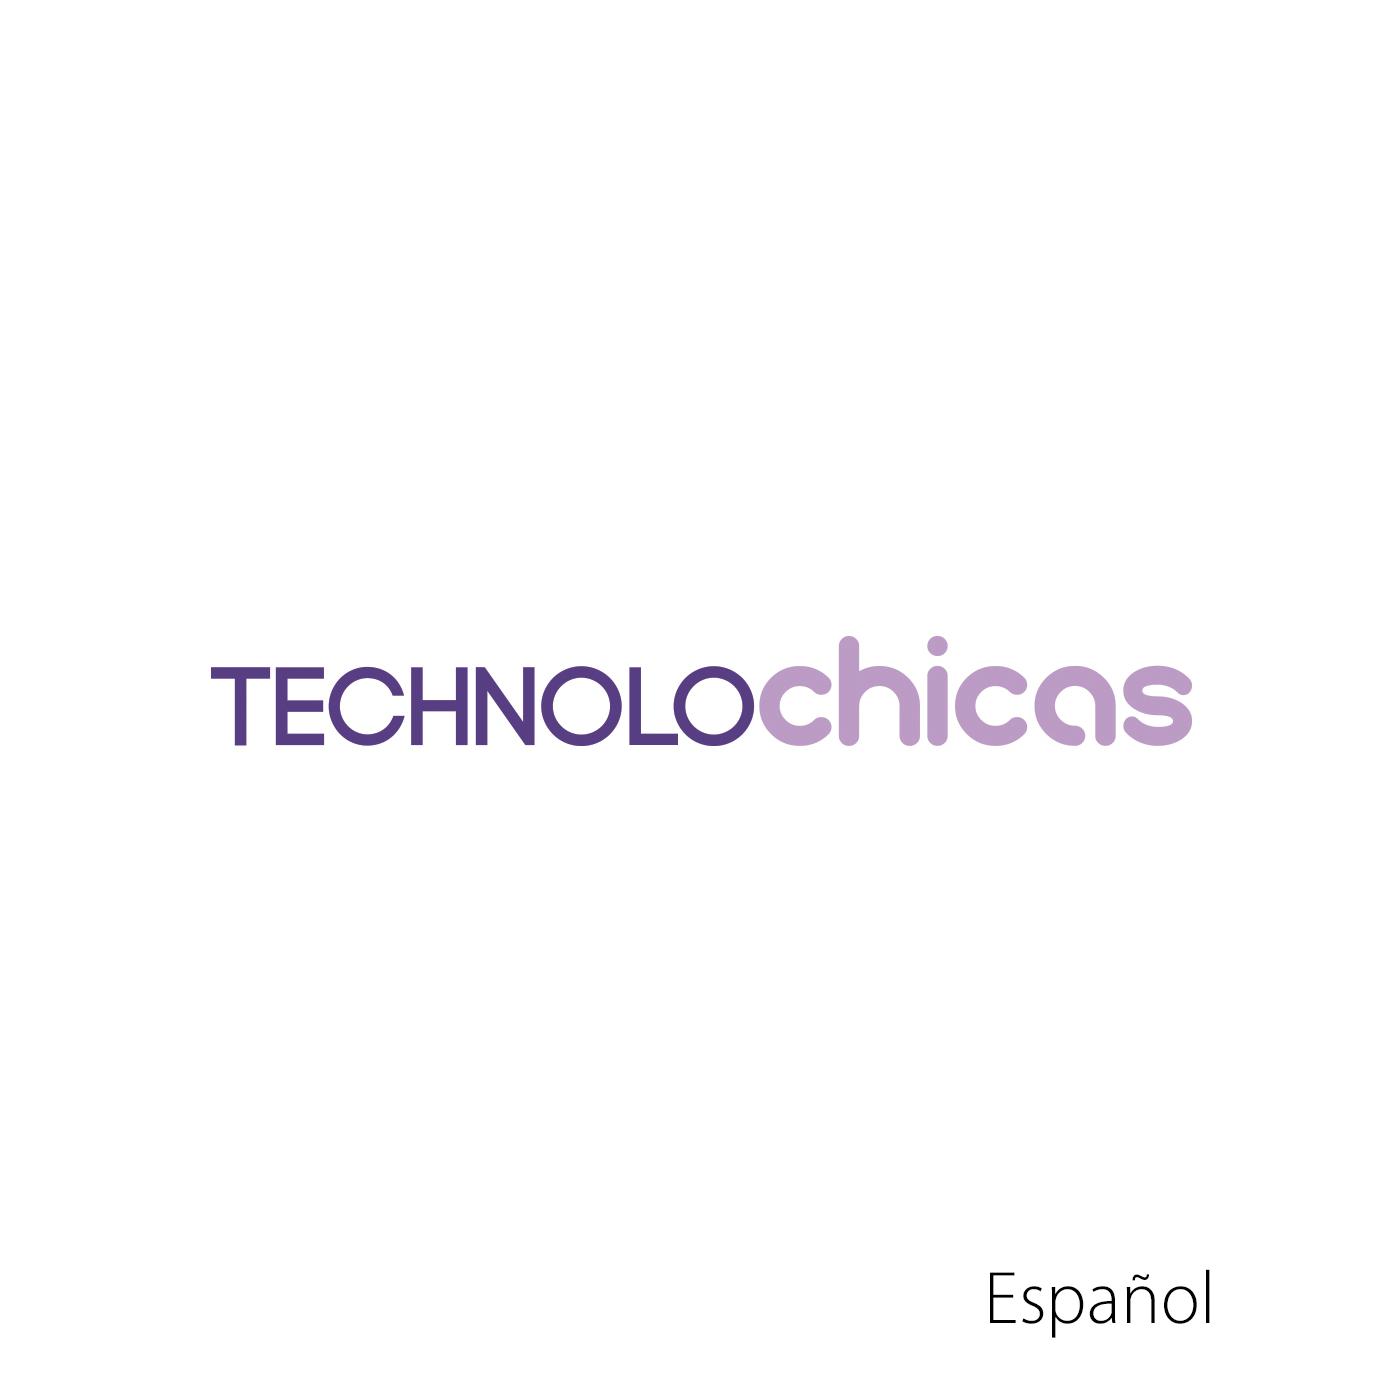 TECHNOLOchicas: jóvenes Latinas creando tecnología (video)